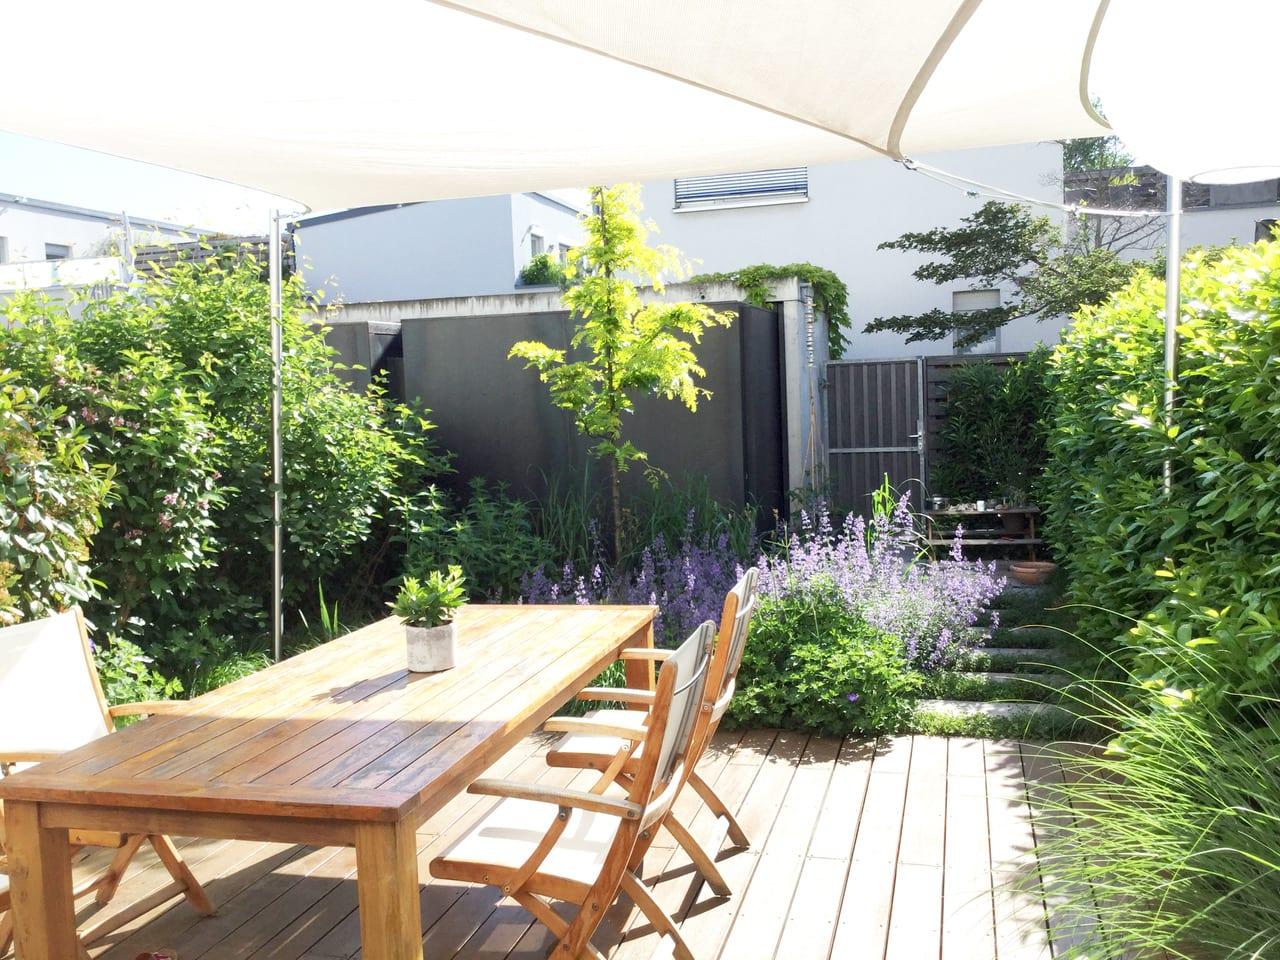 Terrasse mit Tisch und Stühlen und Bepflanzung